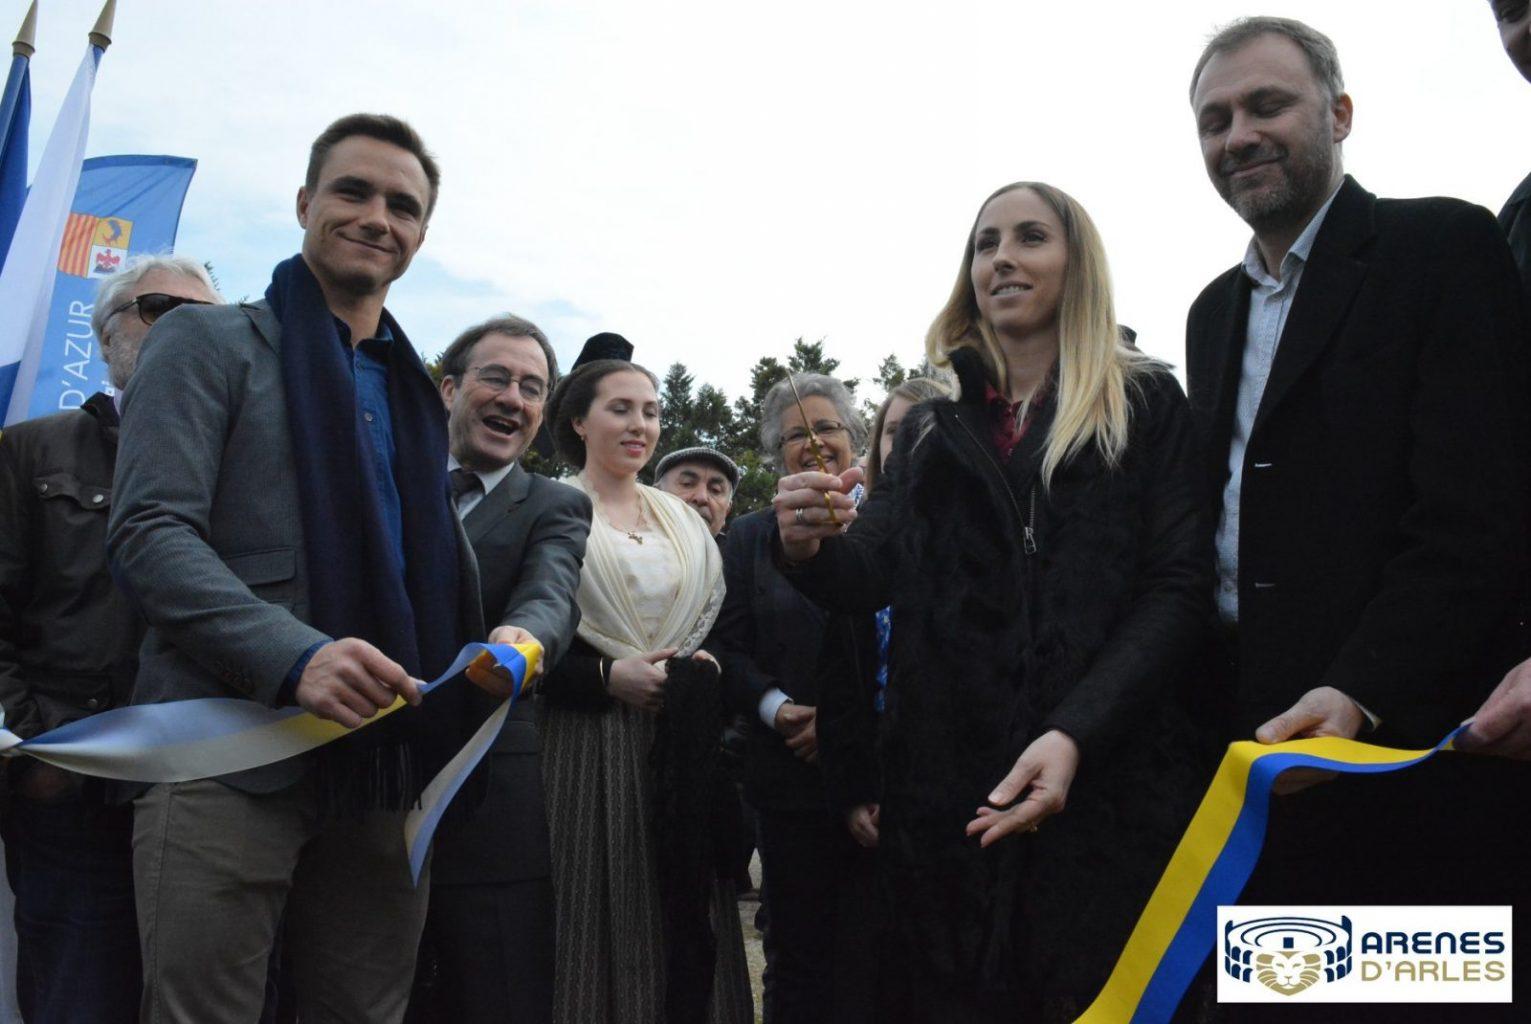 La Ville d'Arles renouvelle sa confiance à la quasi unanimité à Jean Baptiste Jalabert et LUDI ARLES ORGANISATION pour la gestion des Arènes d'Arles